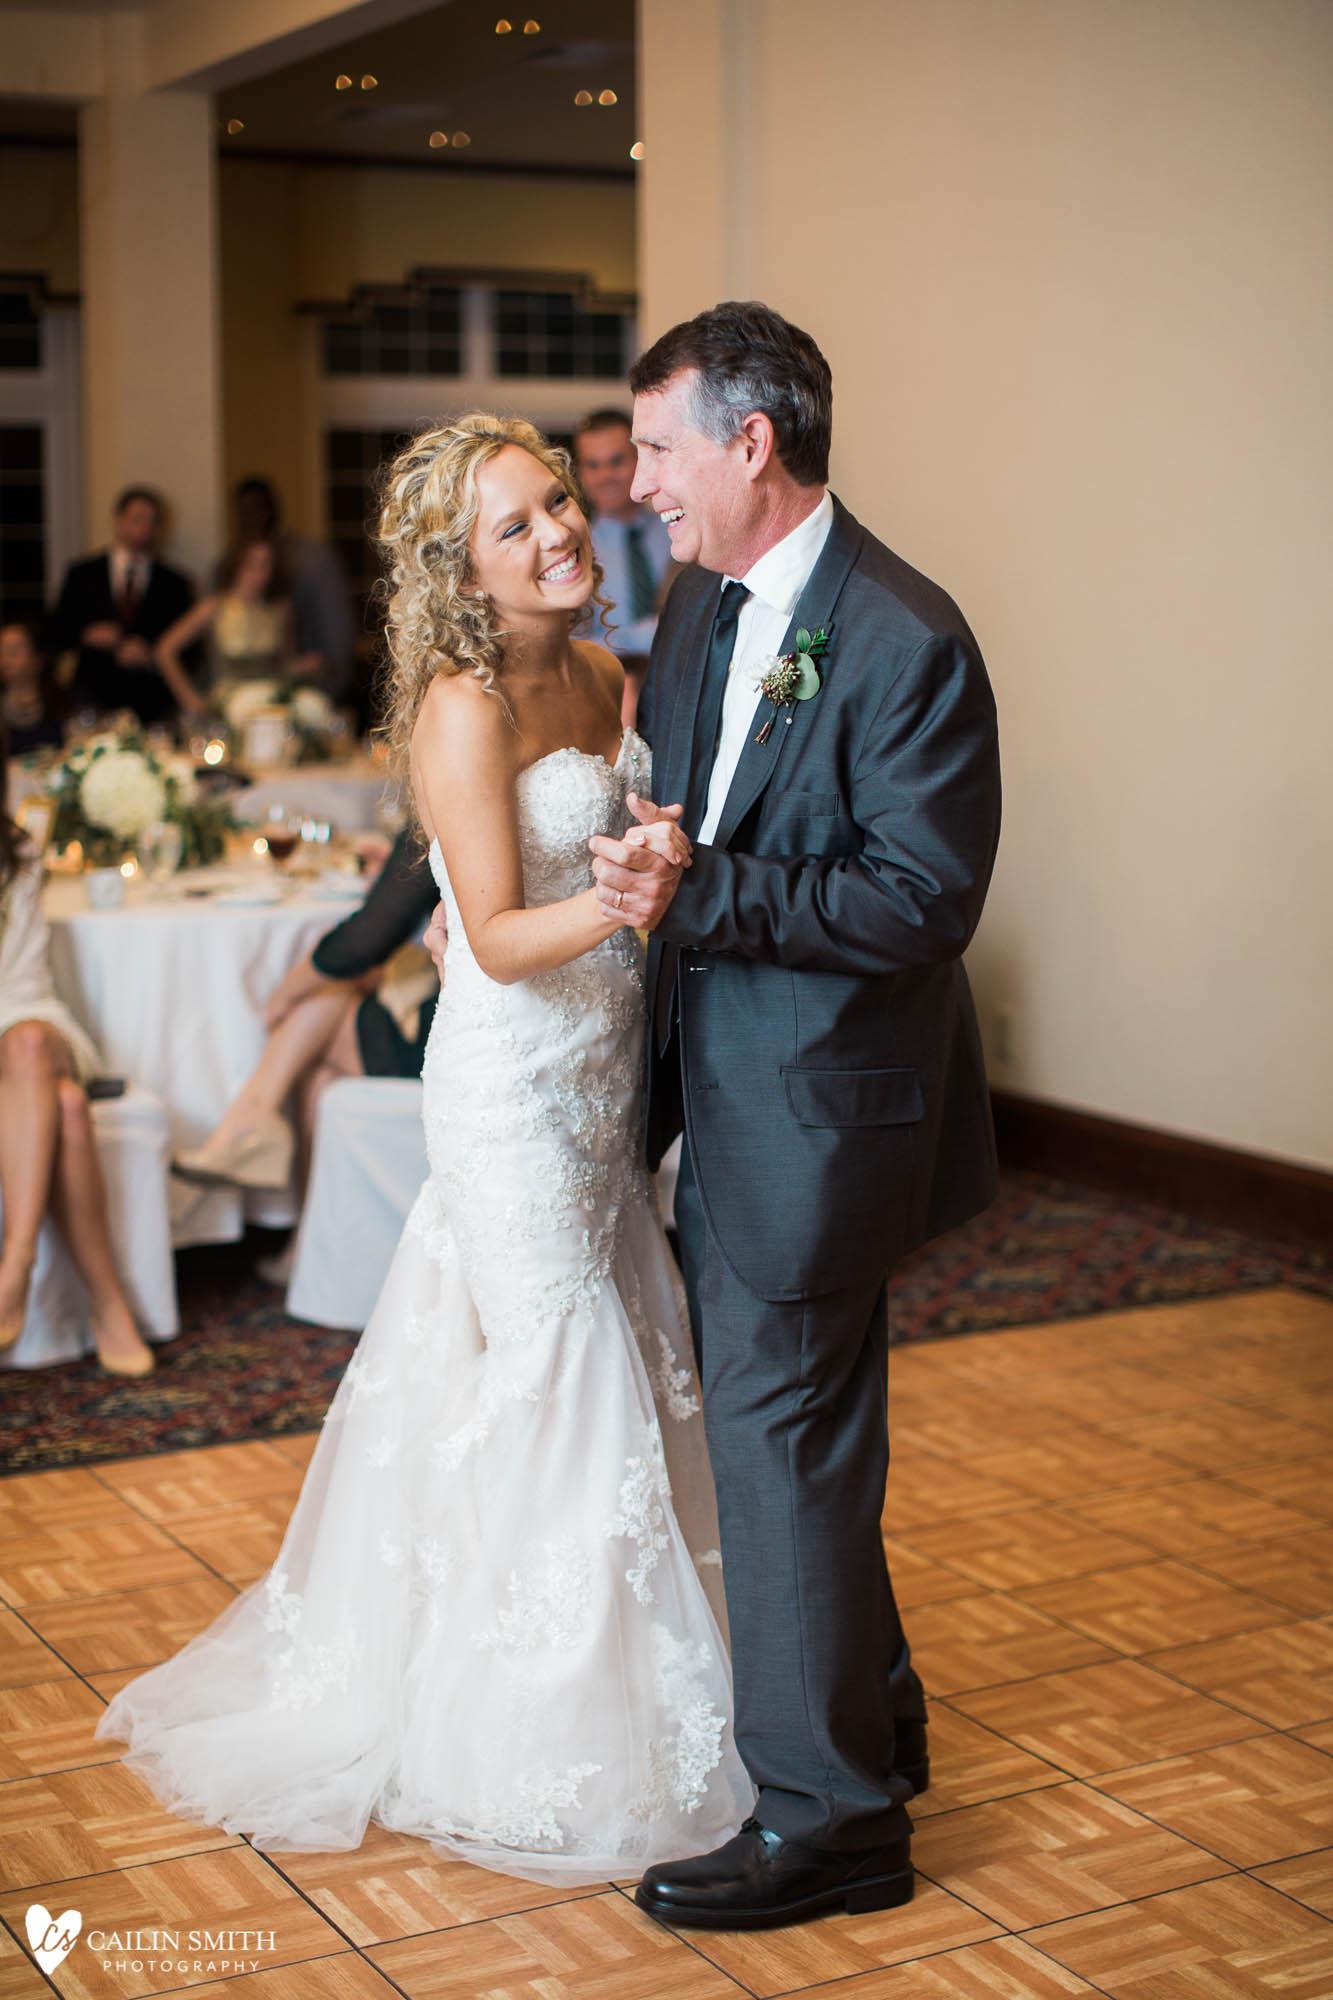 Leah_Major_St_Marys_Wedding_Photography_106.jpg